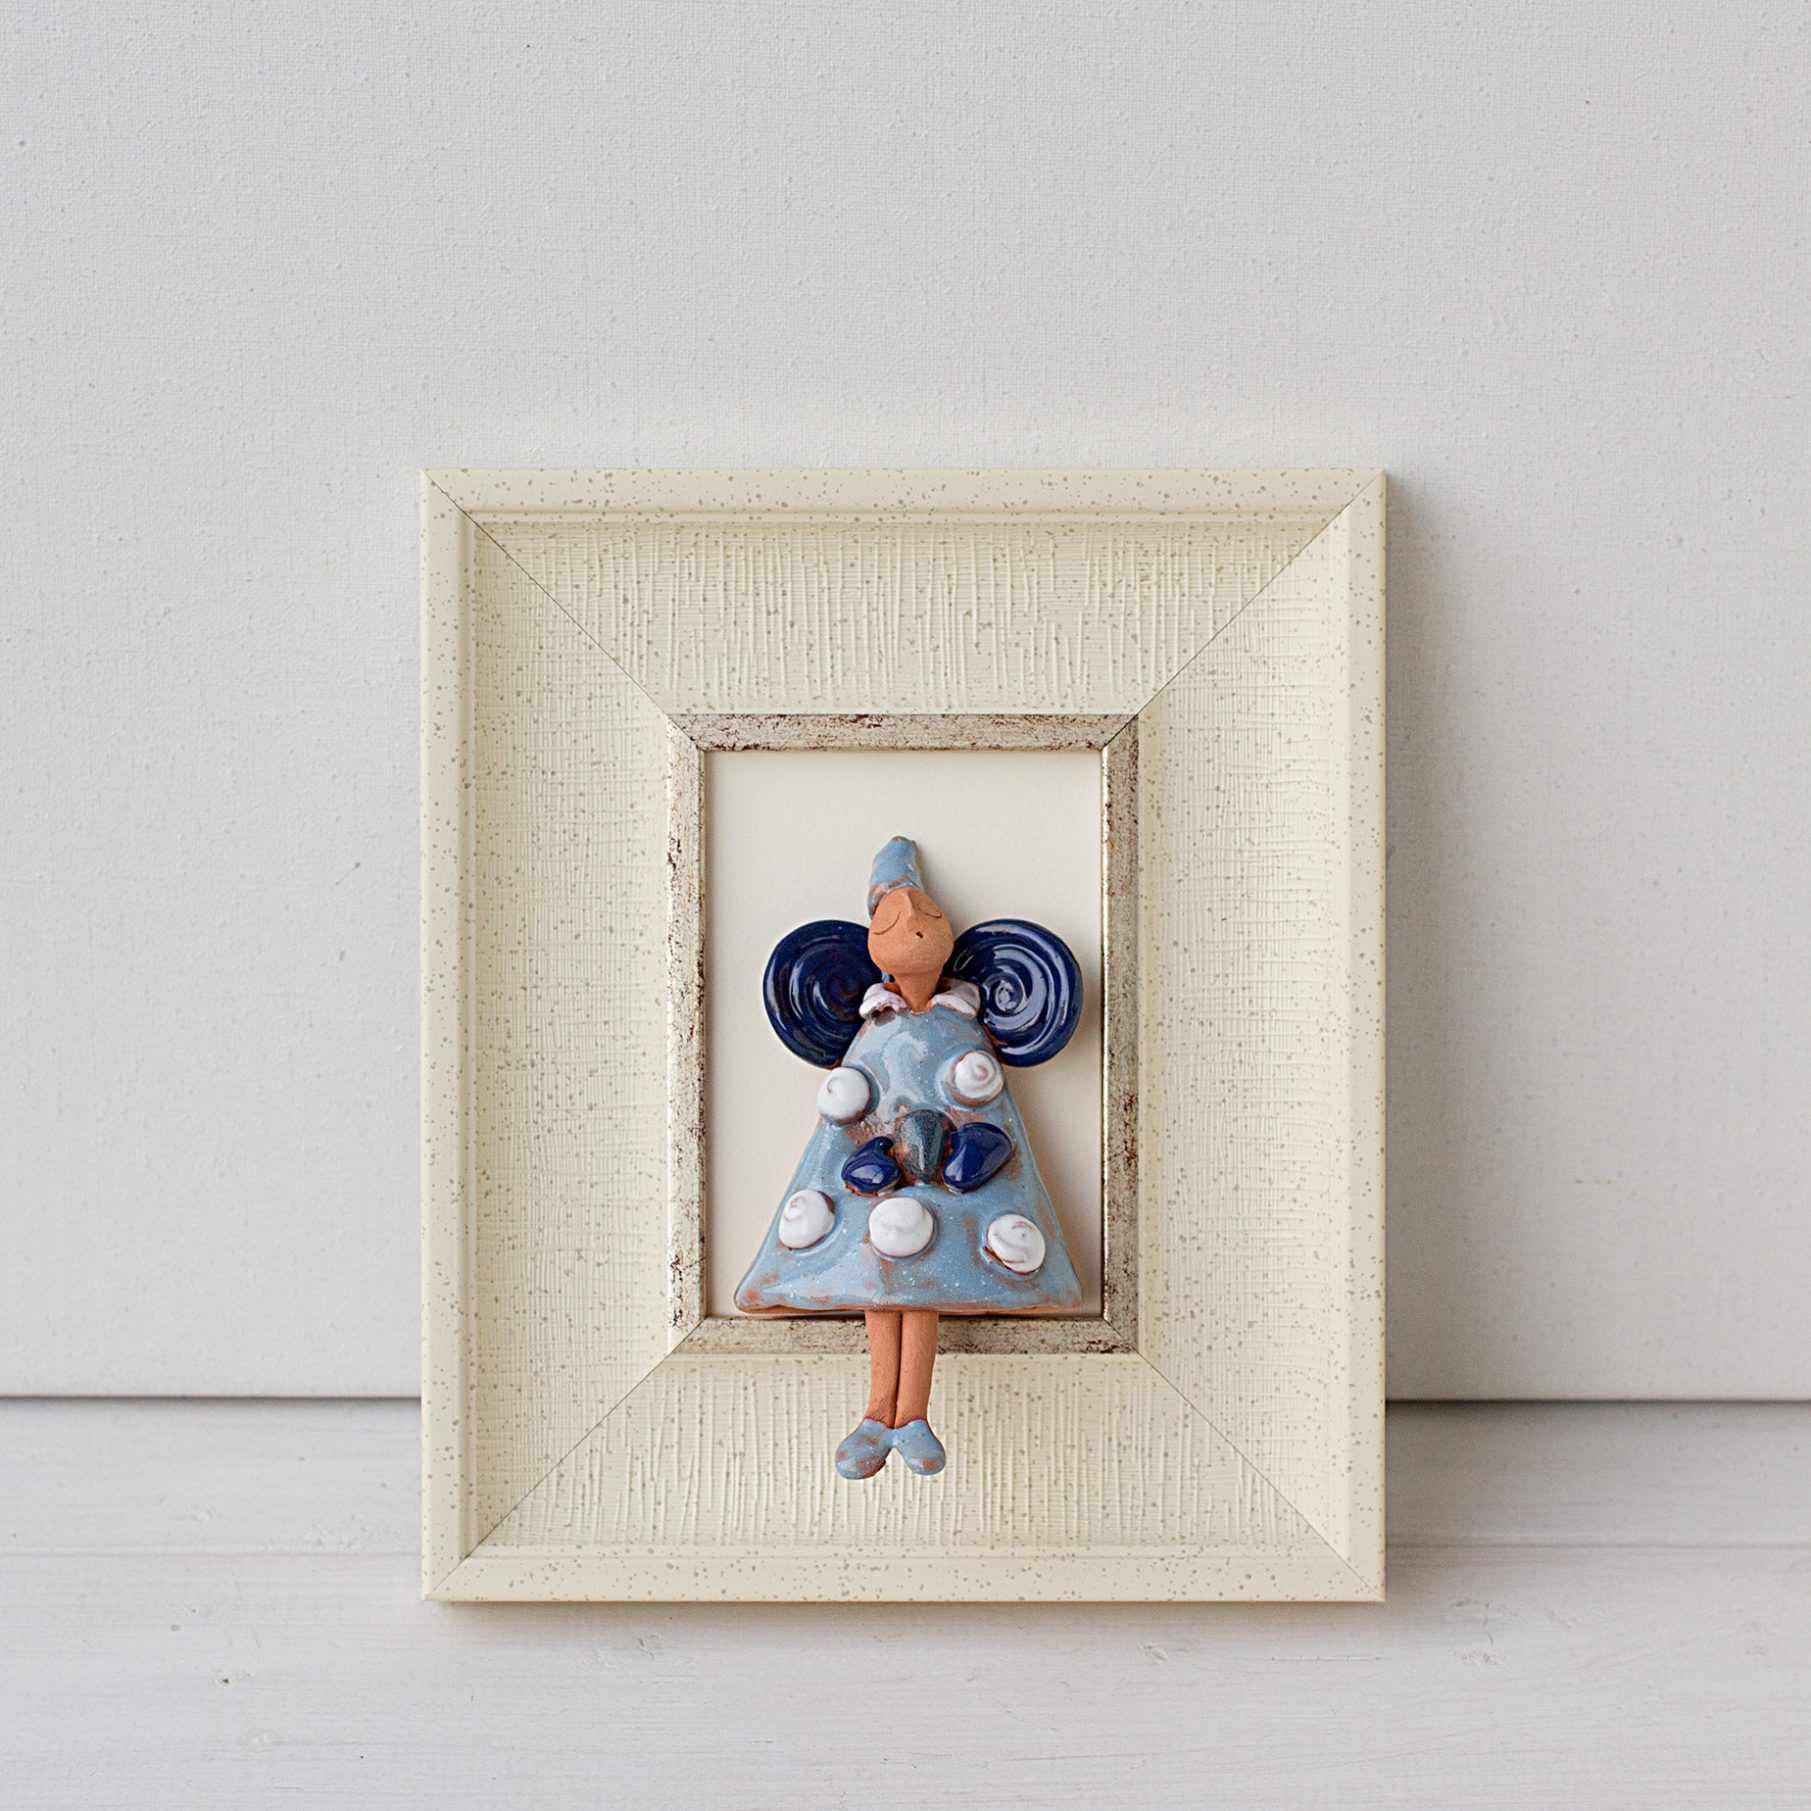 keramikinis paveiksliukas su angeliuku, keramikinis angelas